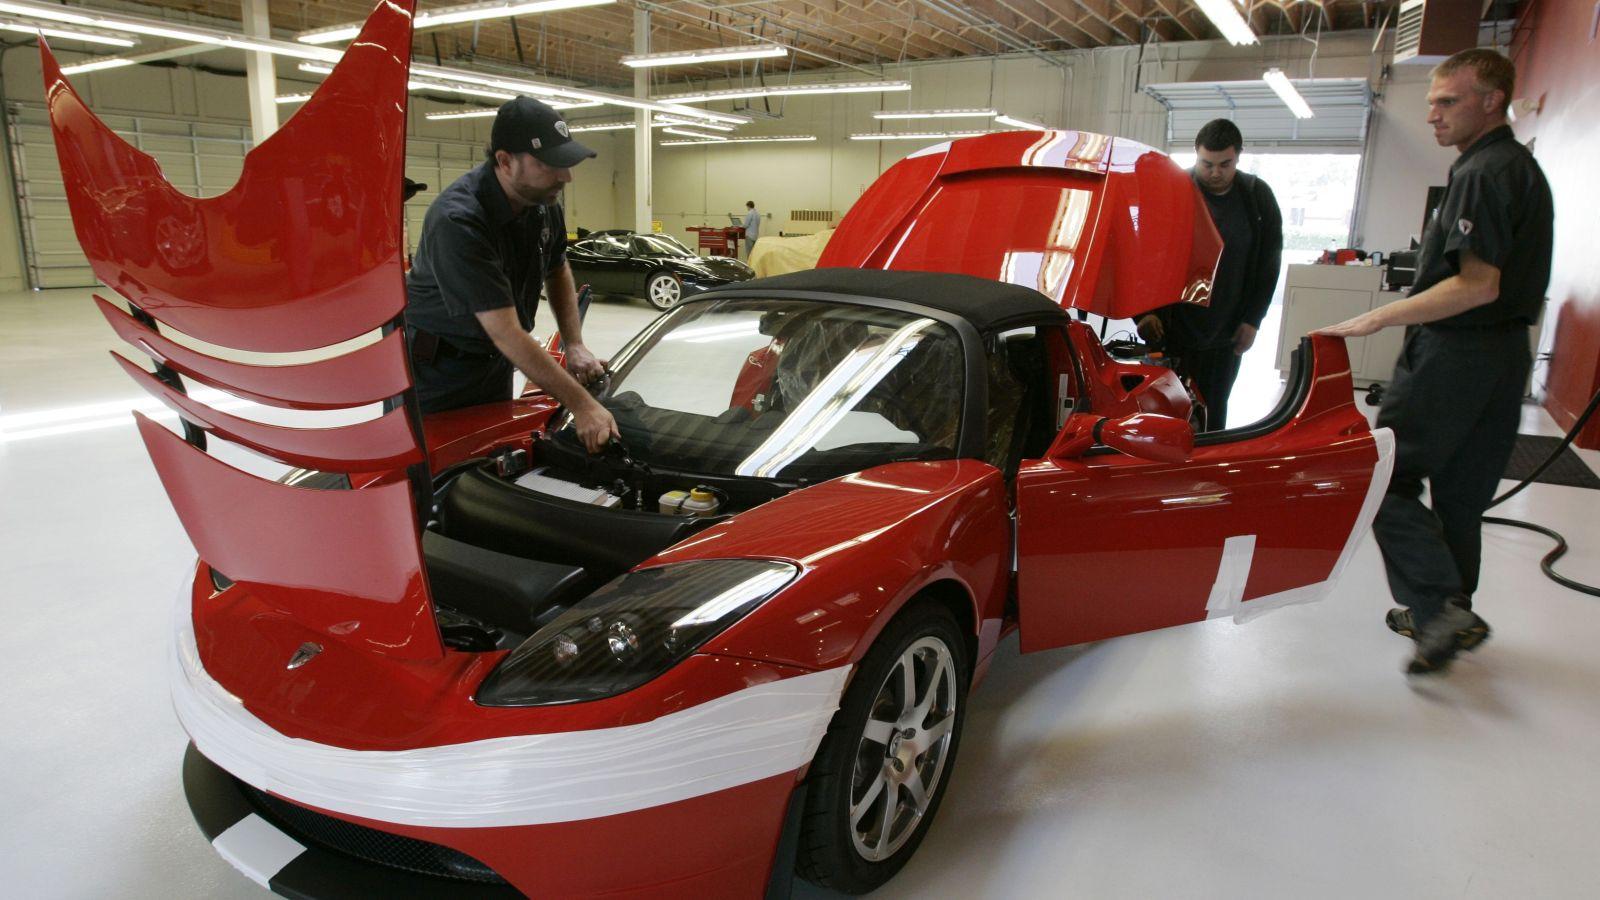 Xe được kết nối mạng sẽ giết chết cửa hàng sửa xe? - Ảnh 1.